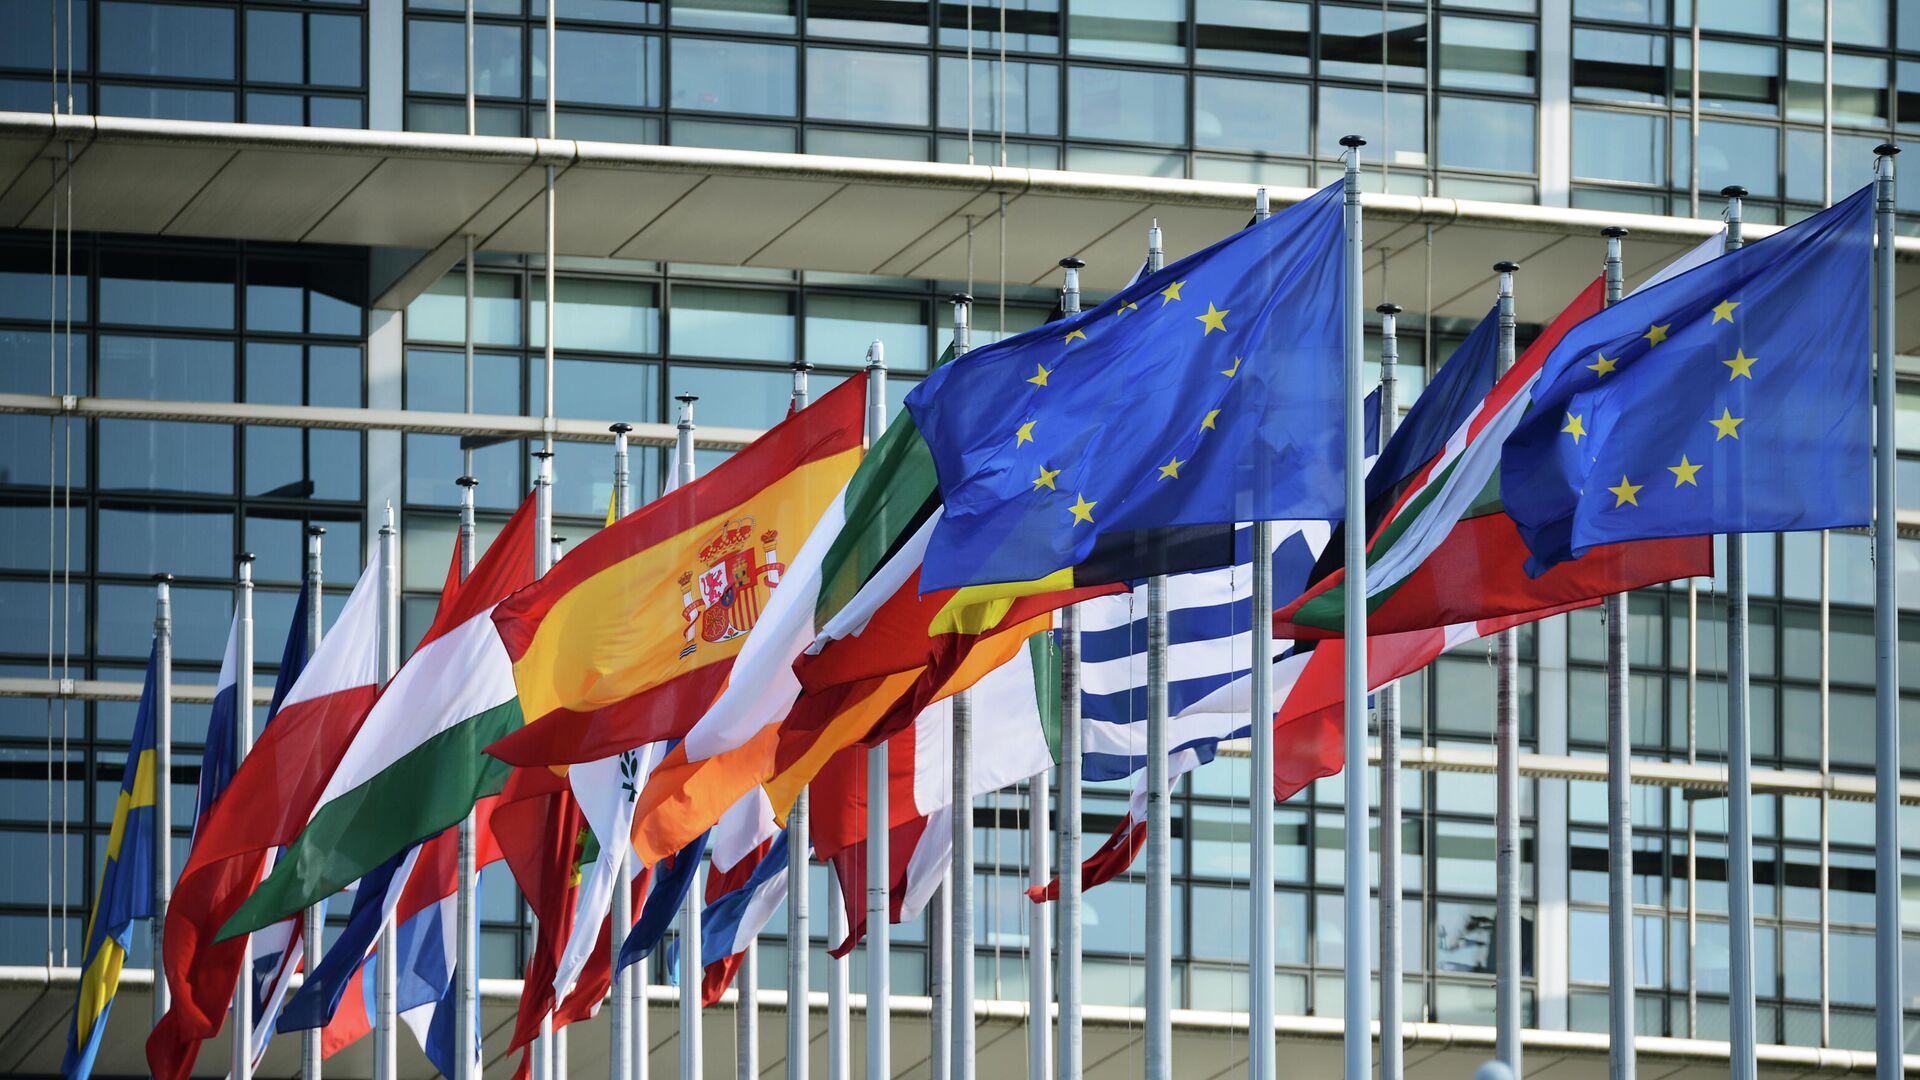 Флаги стран Евросоюза у здания Европарламента - РИА Новости, 1920, 17.09.2020